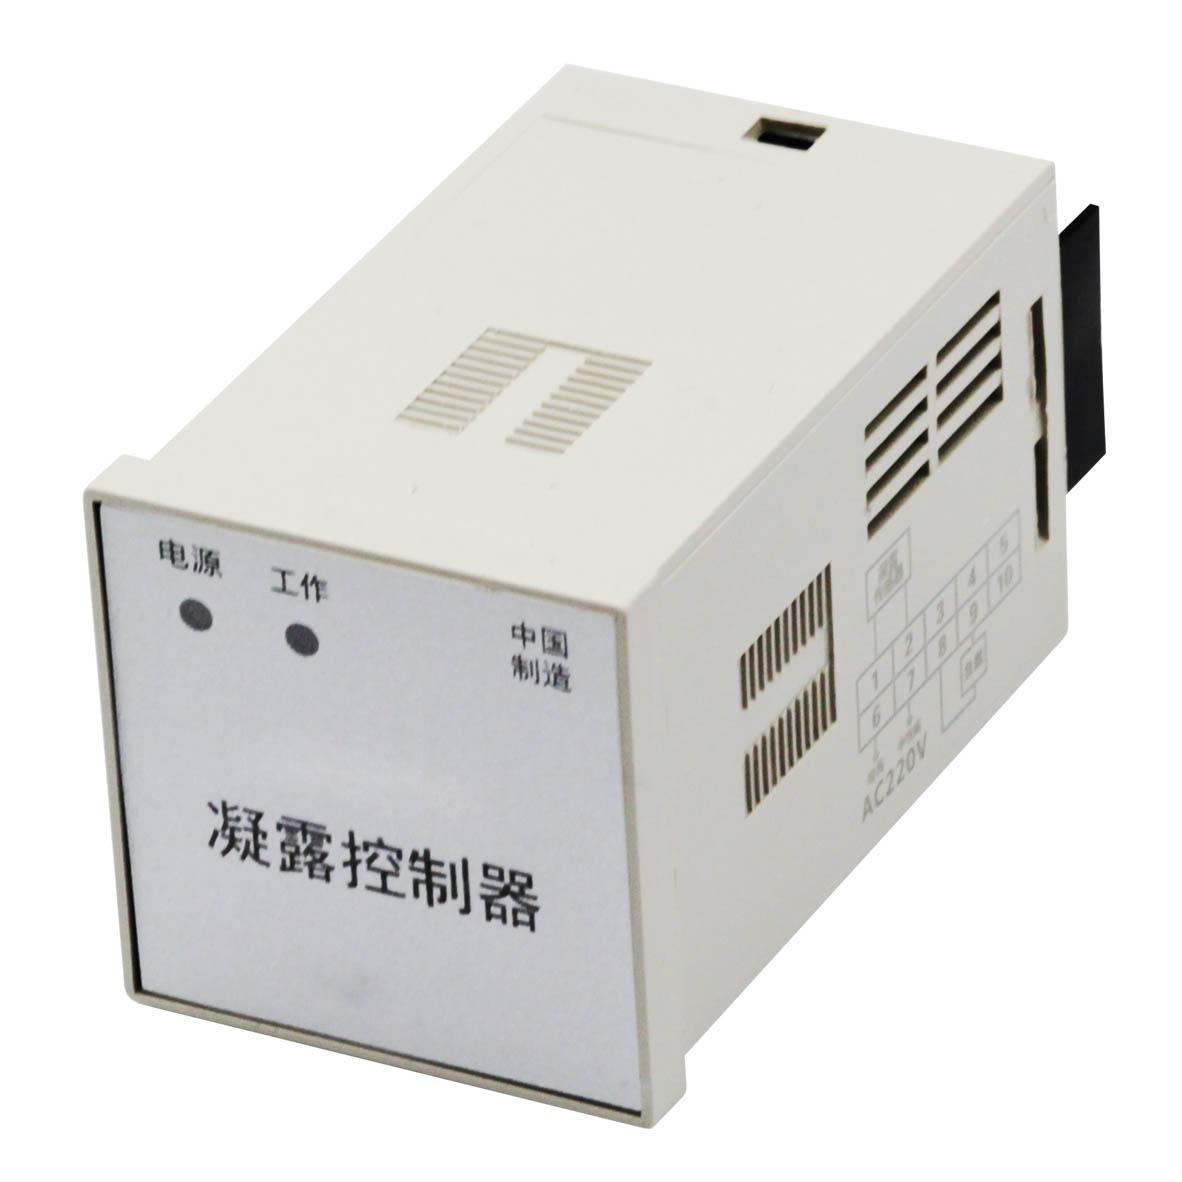 太子河HYBAGA/480/50智能电容器补偿装置详情